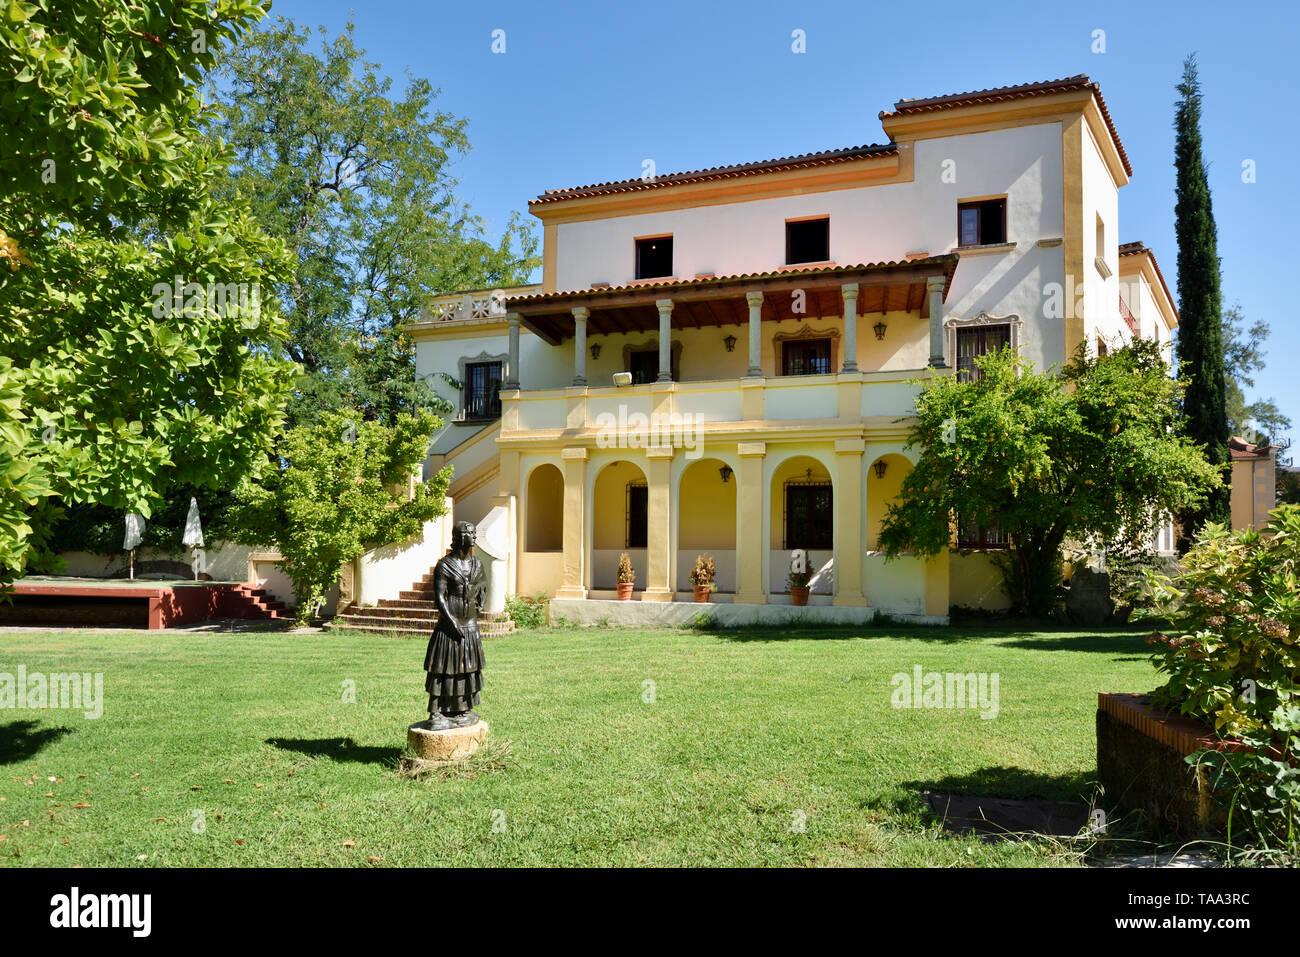 Museo de Historia y Cultura, Casa Museu Guayasamin. Caceres, Spagna Immagini Stock